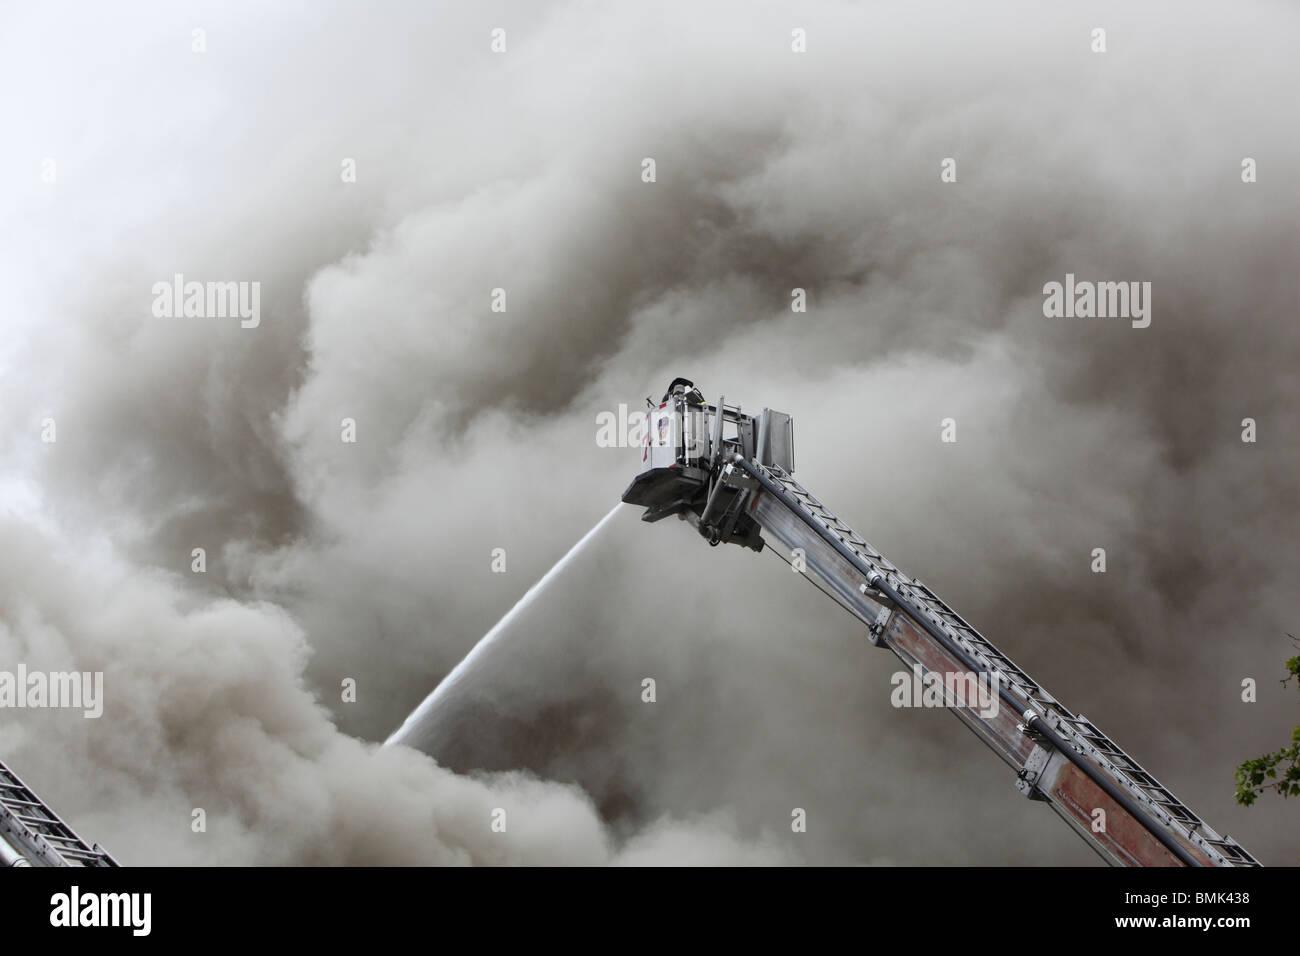 El bombero luchando contra un smoky blaze Foto de stock